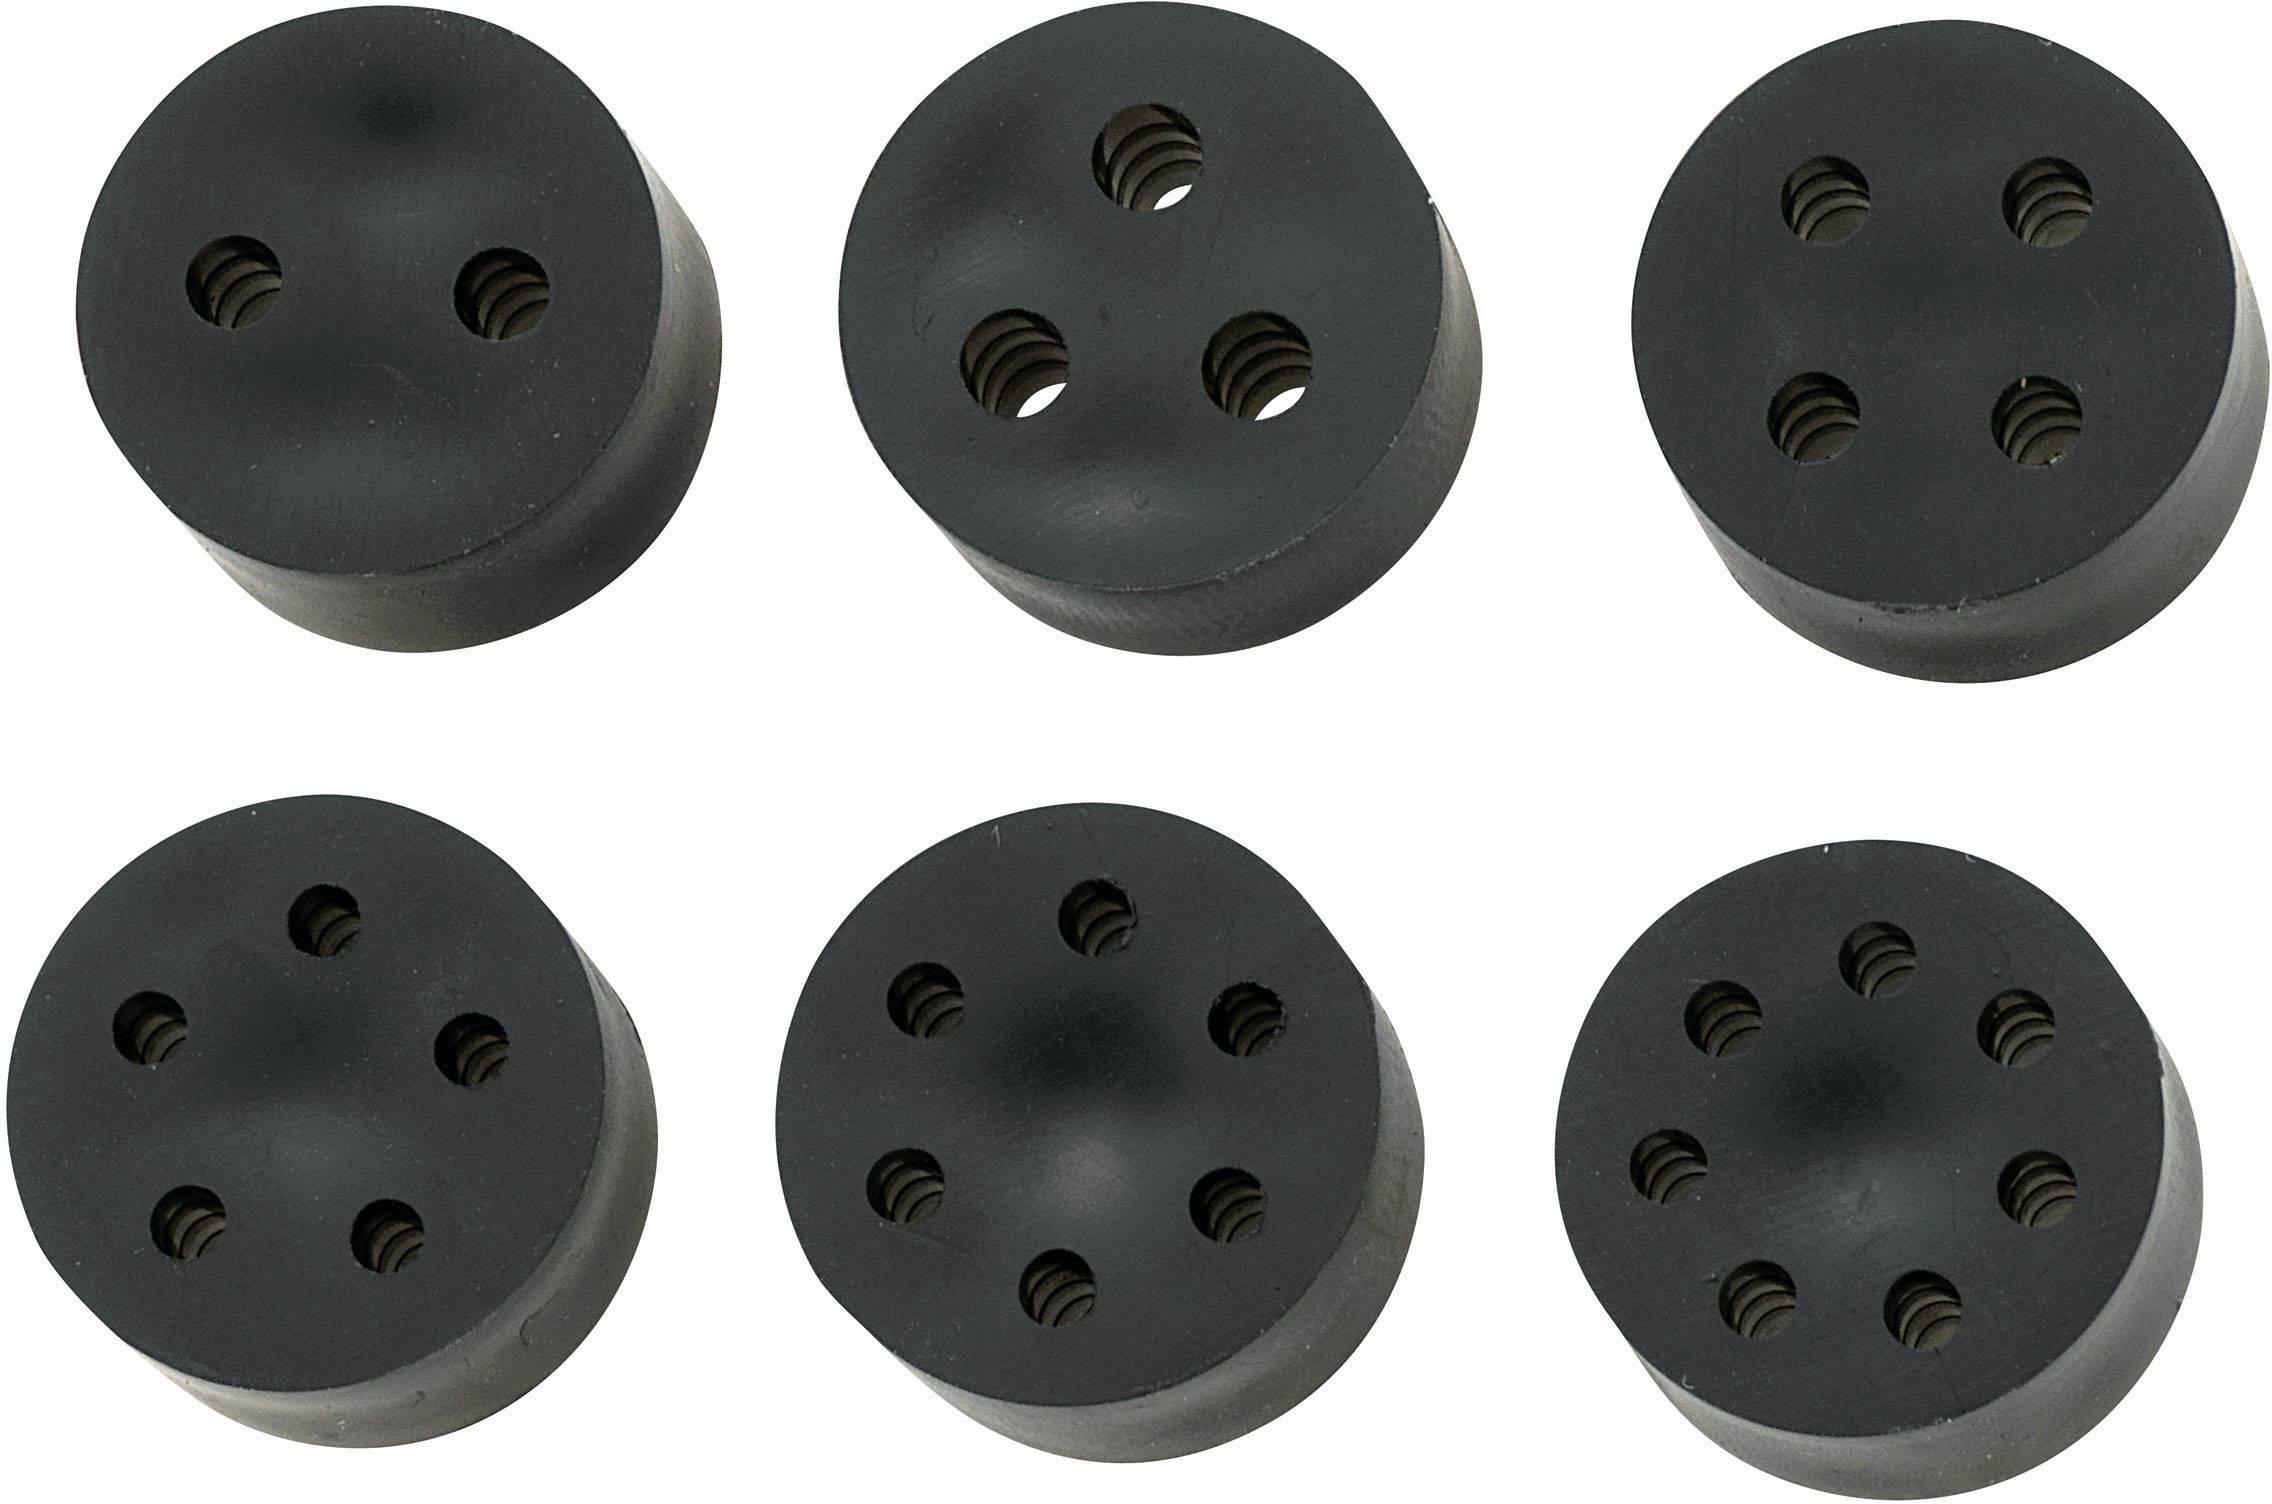 Tesniaca vložka s viacerými priechodmi KSS MH23-7B, PG21, guma, 1 ks